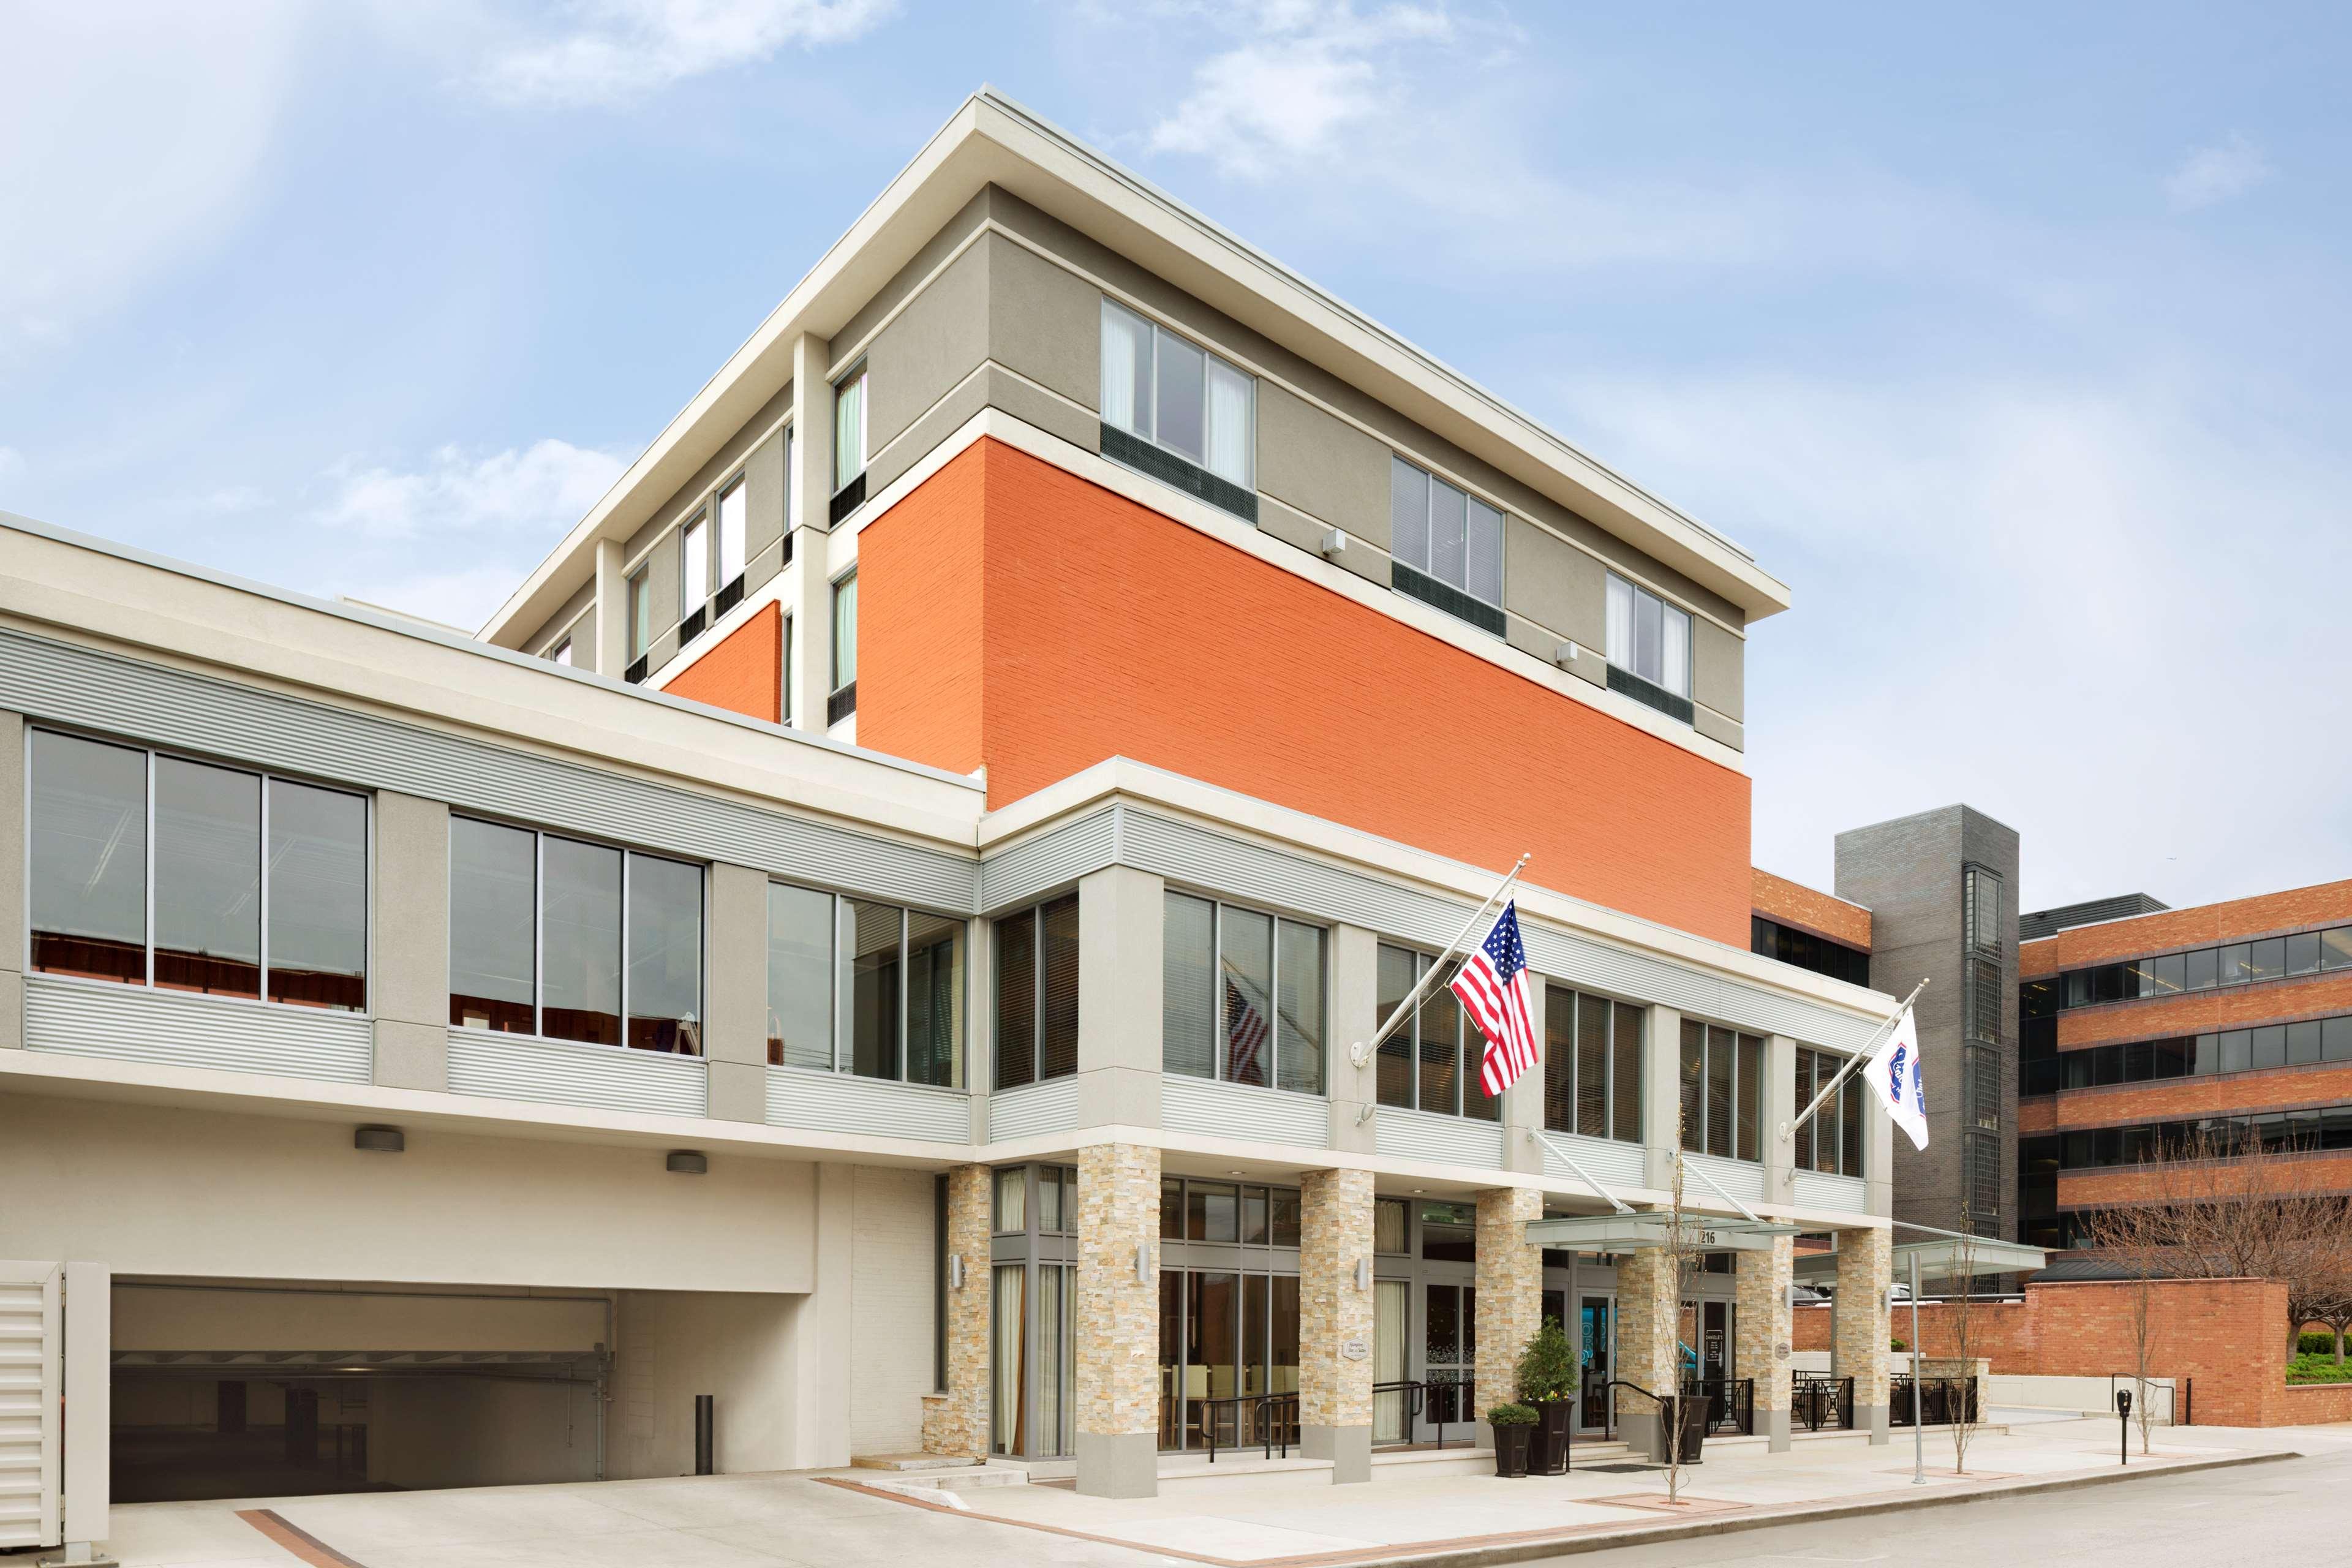 Hampton Inn and Suites Clayton/St Louis-Galleria Area image 1